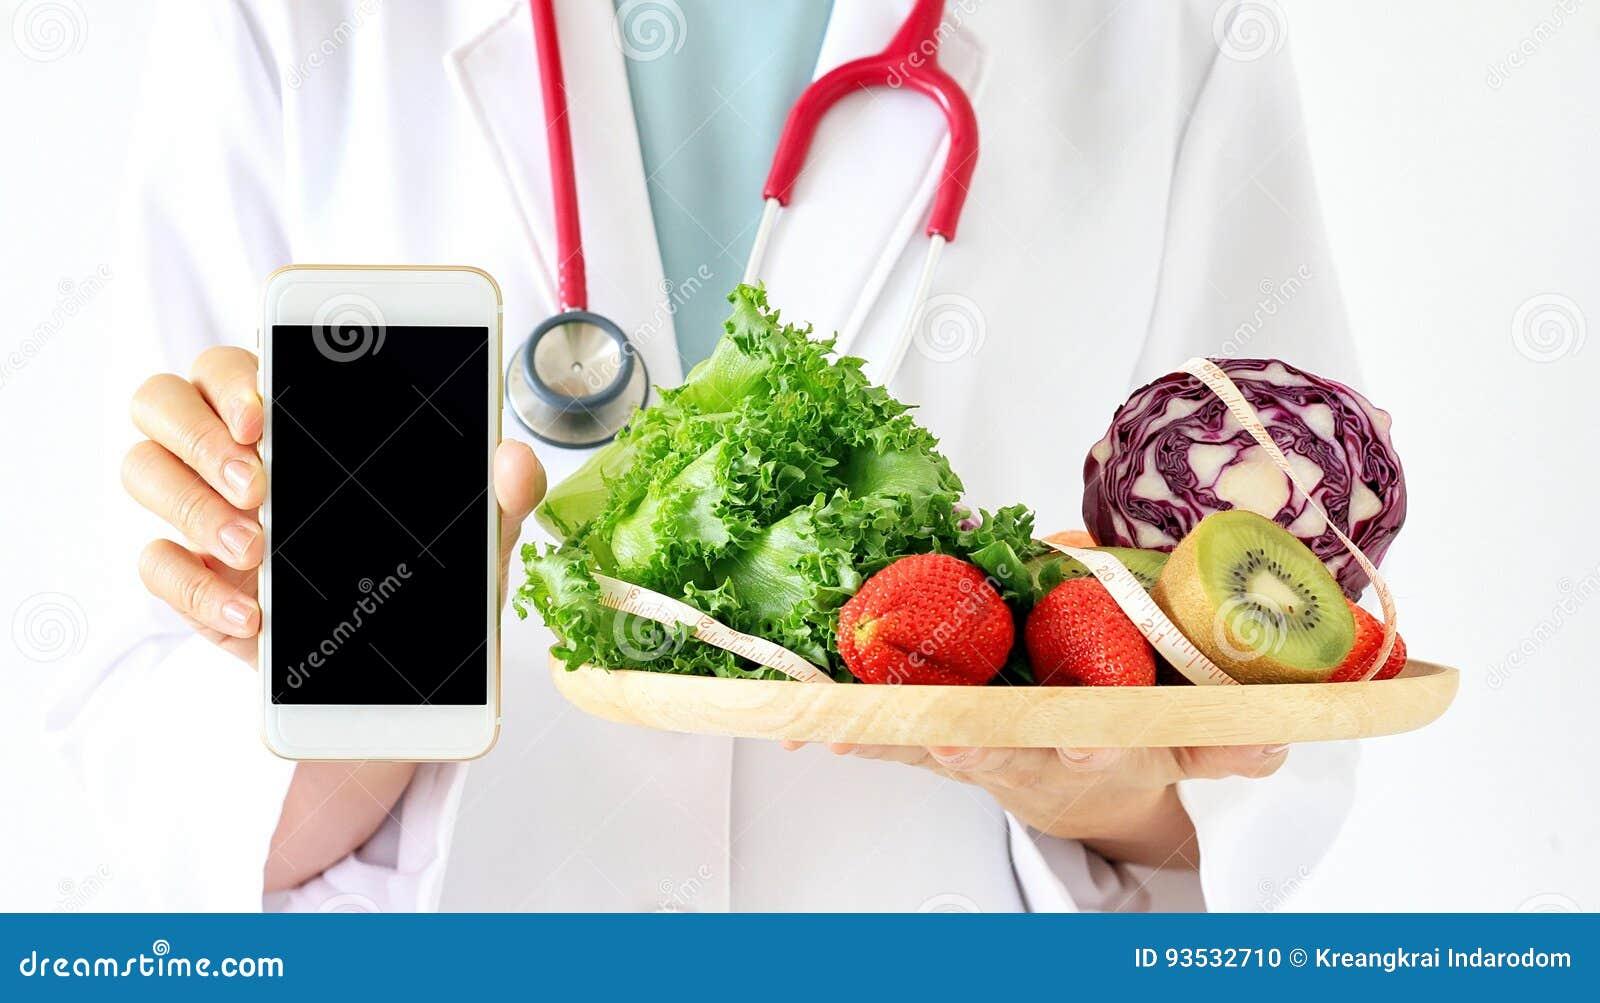 diete online)